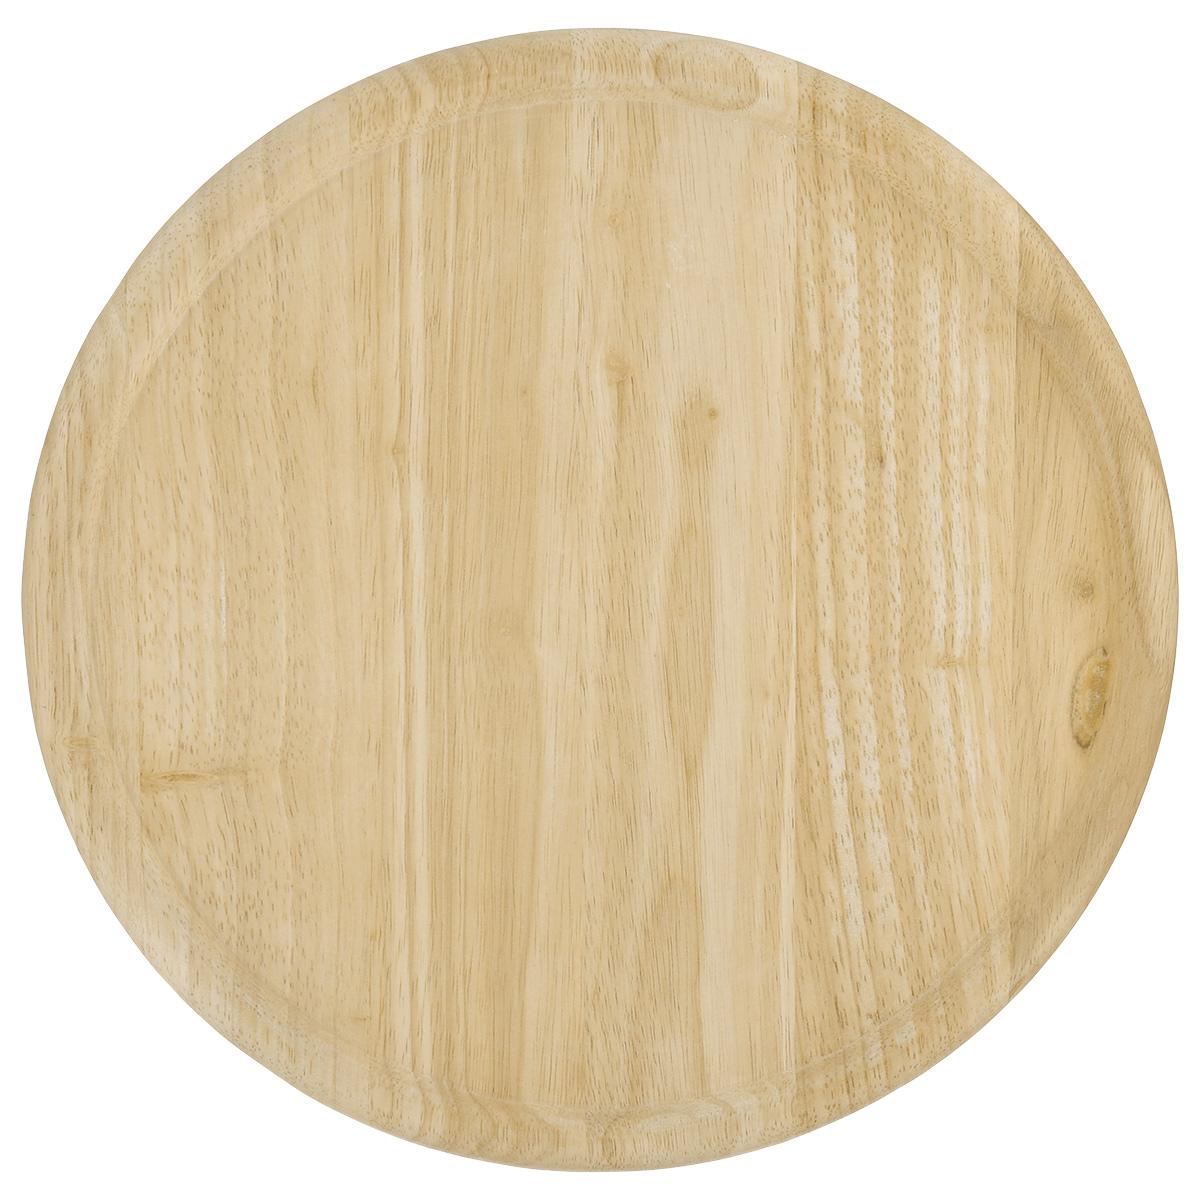 Доска для пиццы Kesper, диаметр 32 см6046-2Доска для пиццы Kesper изготовлена из каучукового твердого дерева. Бортик позволяет пицце не соскальзывать с поверхности. Доска удобна в эксплуатации. Подходит как для домашнего использования, так и для профессиональных точек общепита. Толщина: 1,5 см. Высота бортика: 0,5 см. Внутренний диаметр: 28 см